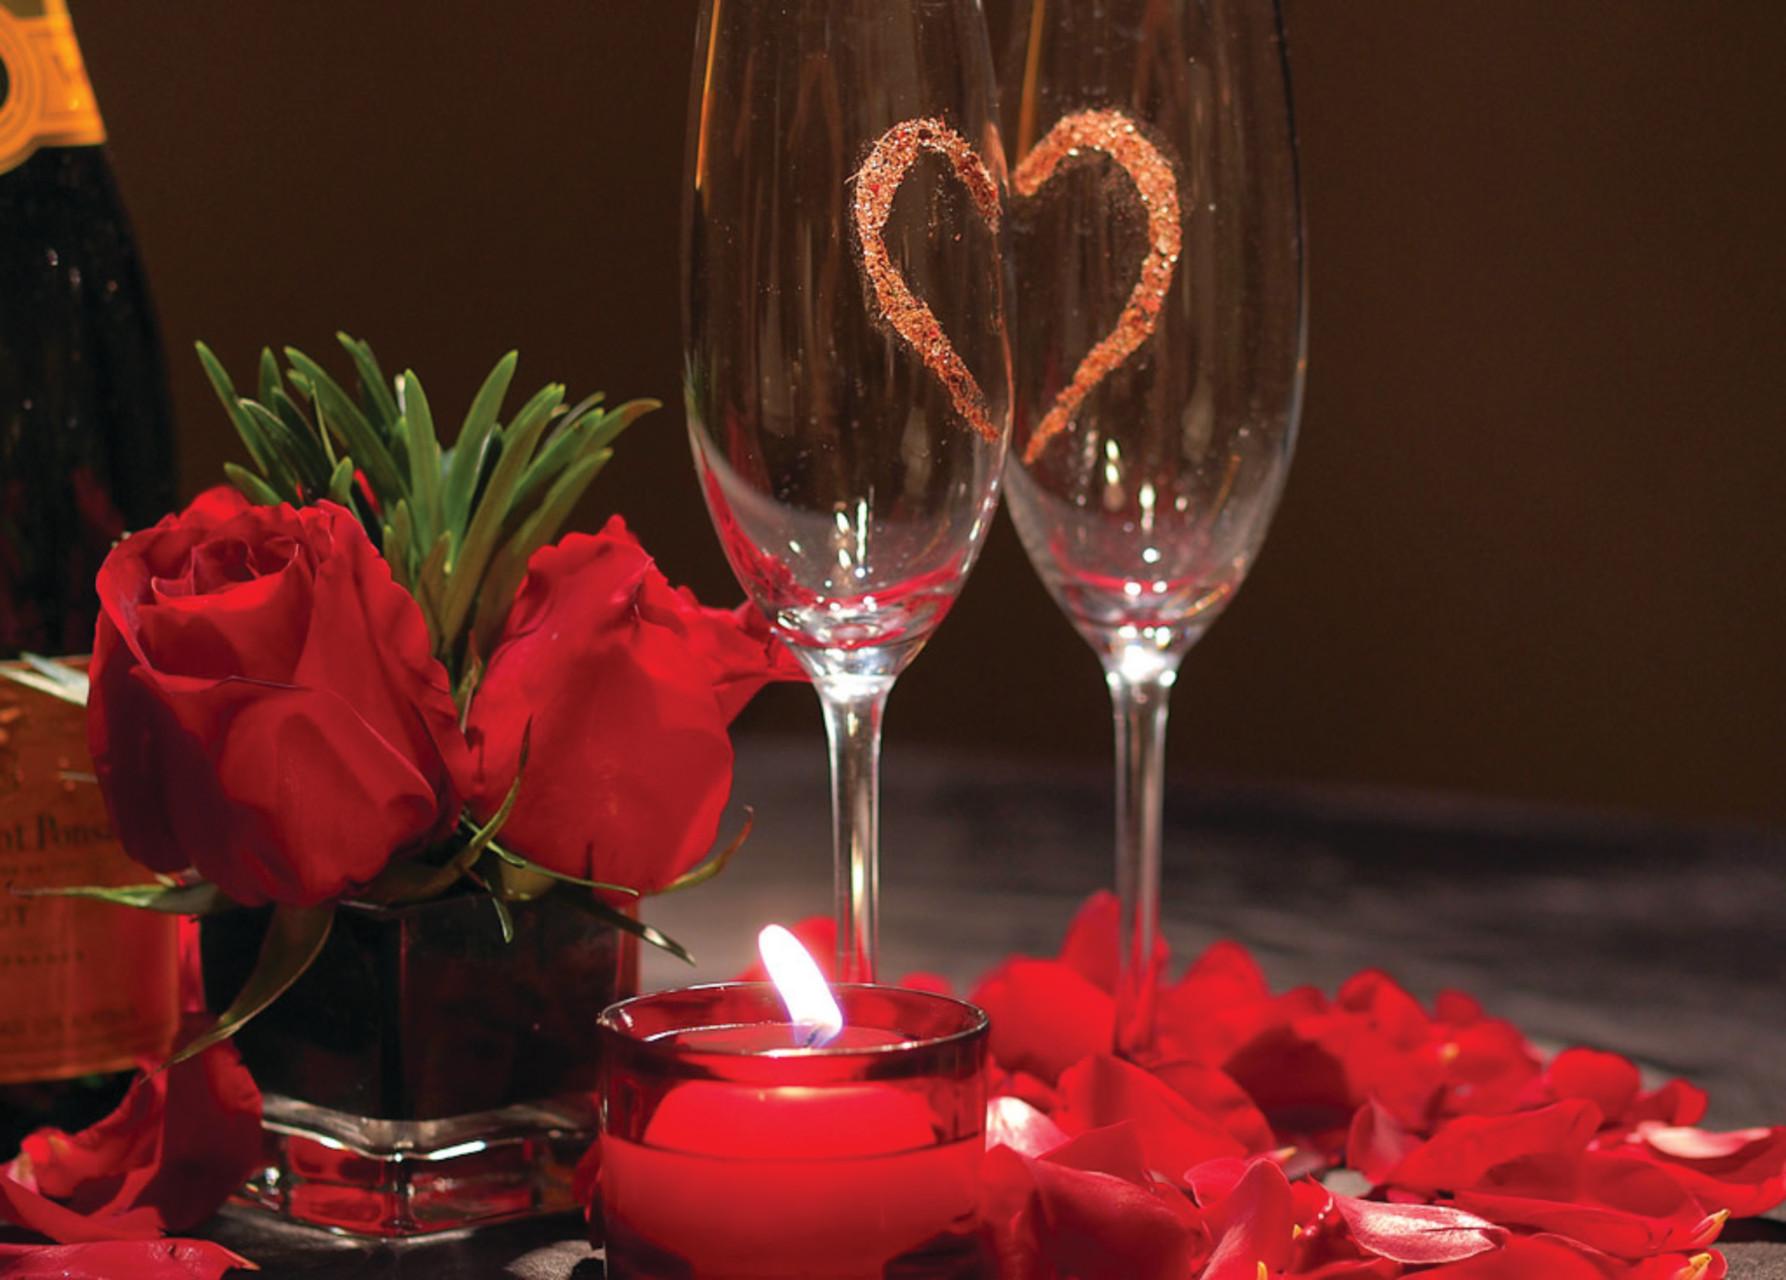 Ricette primi piatti per cena romantica 1